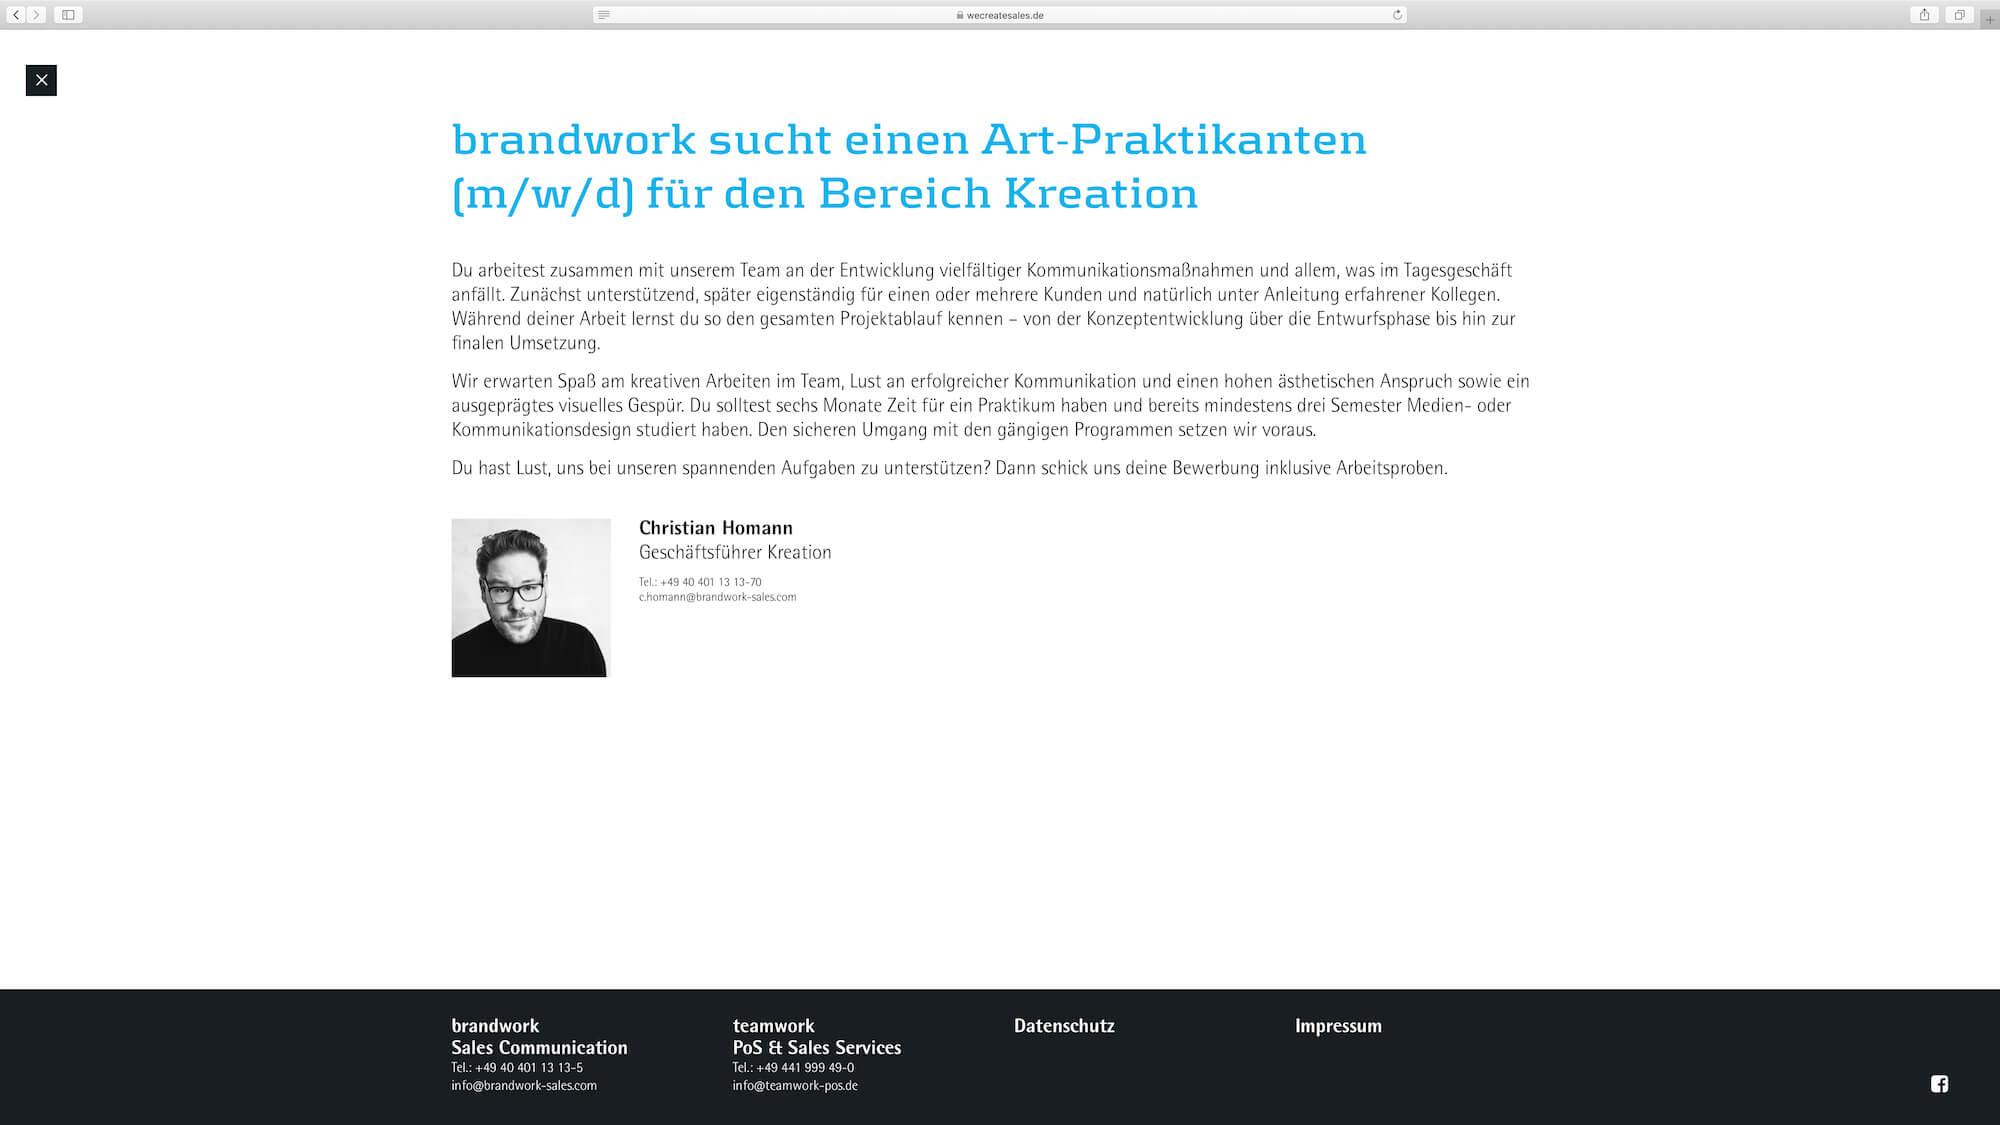 jung und billig werbeagentur we create sales brandwork 8 - Brandwork